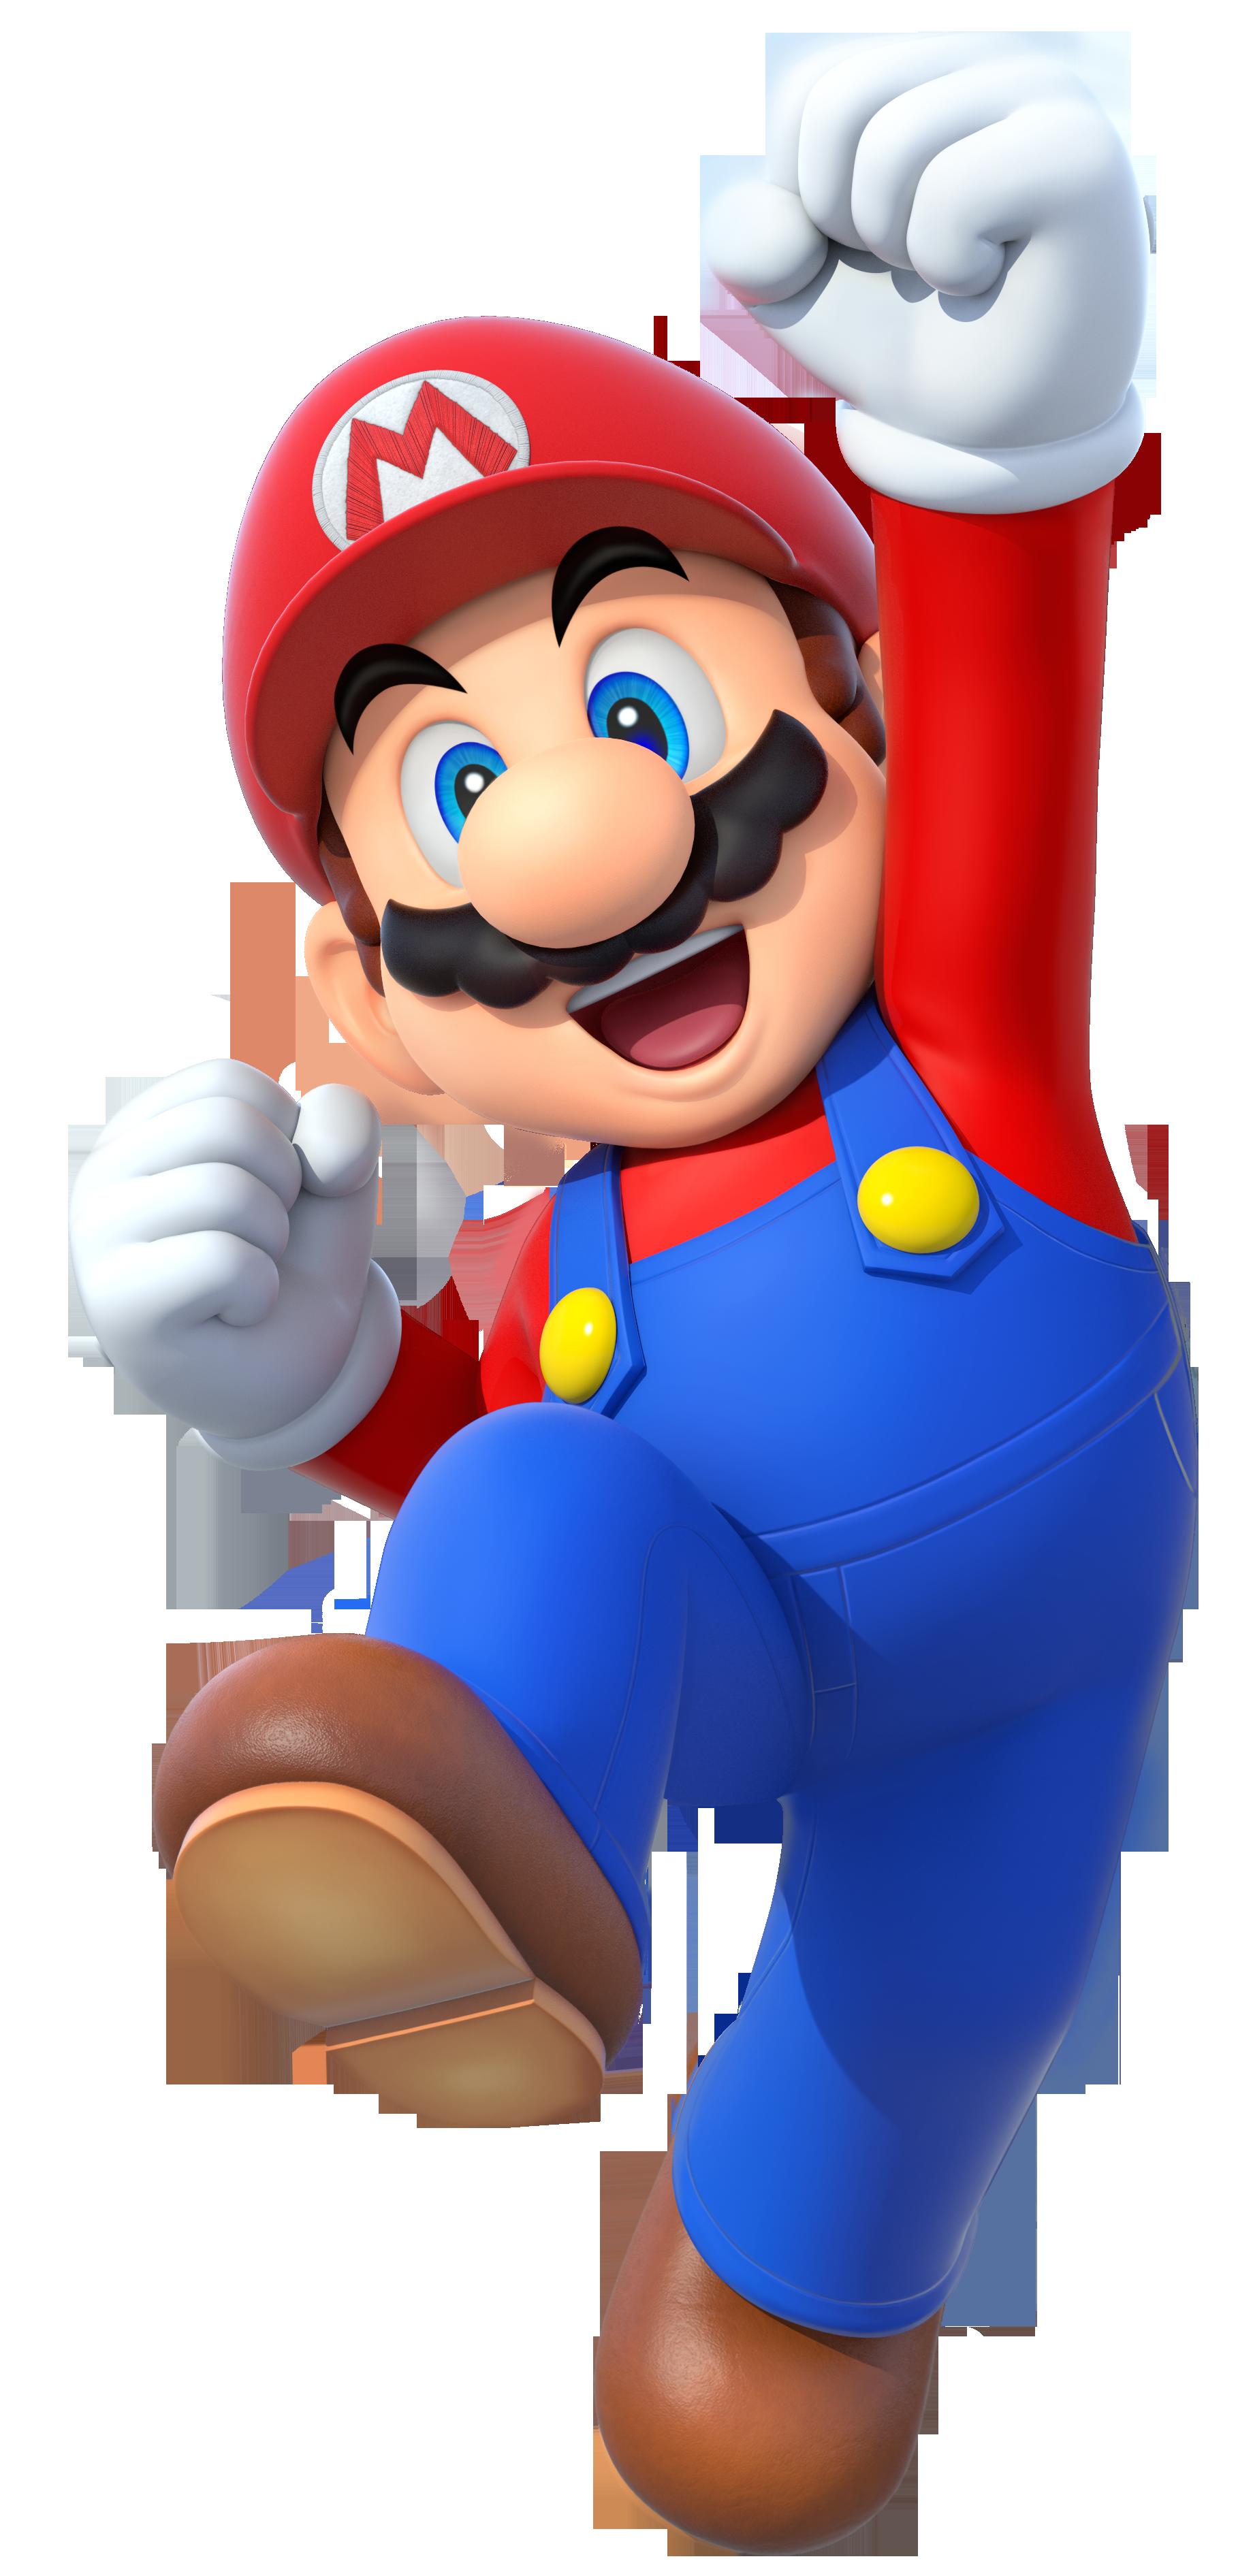 Super Mario Jumping Png Image Mario Super Mario Super Mario Bros